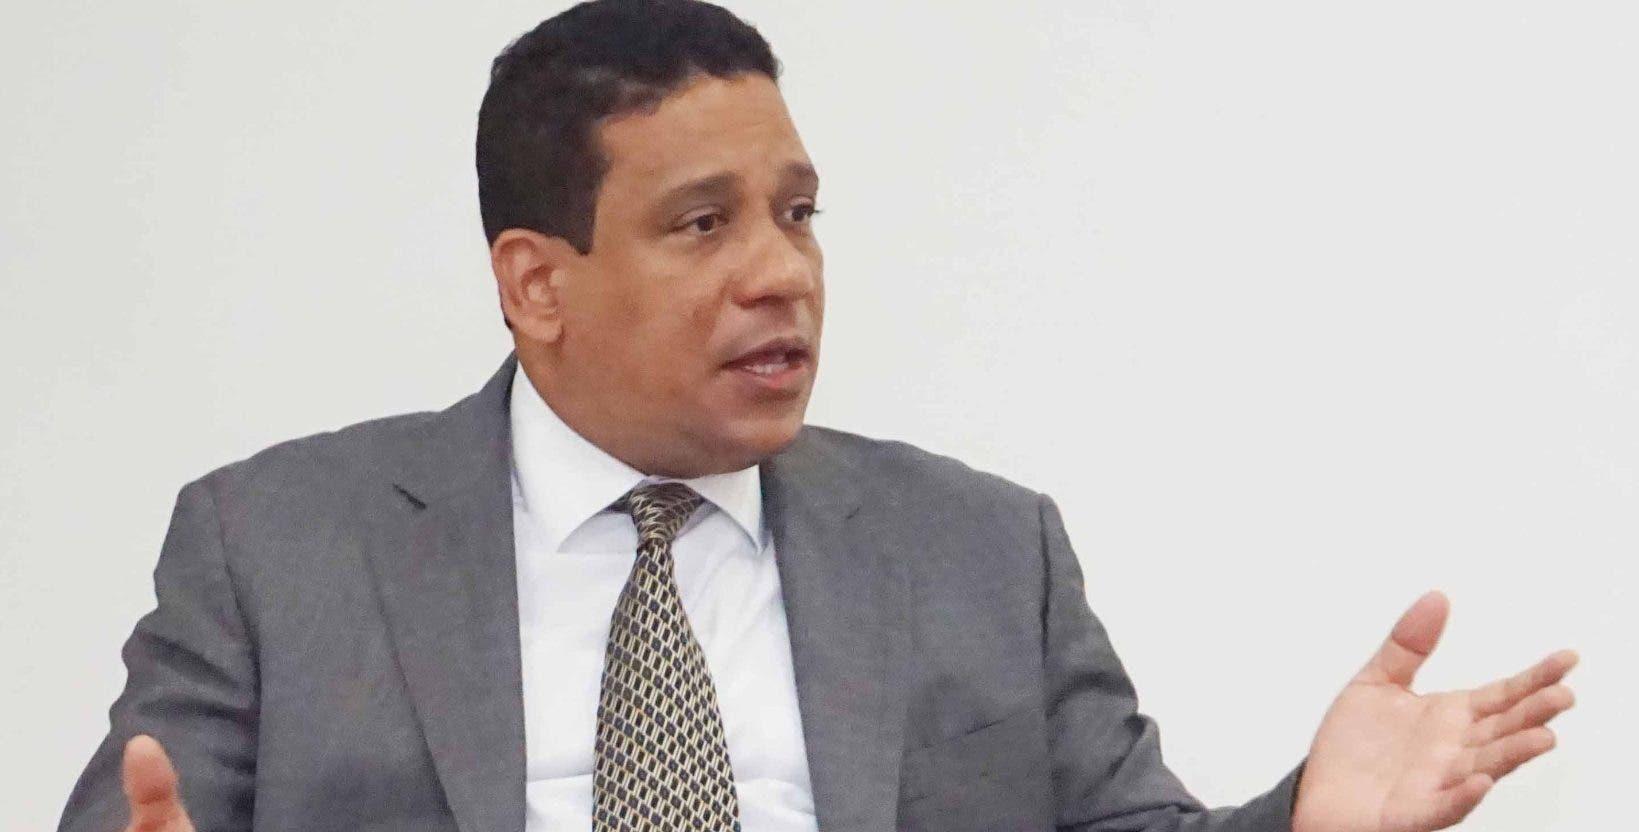 Ley Compras, a merced de acciones fraudulentas en contra del Estado